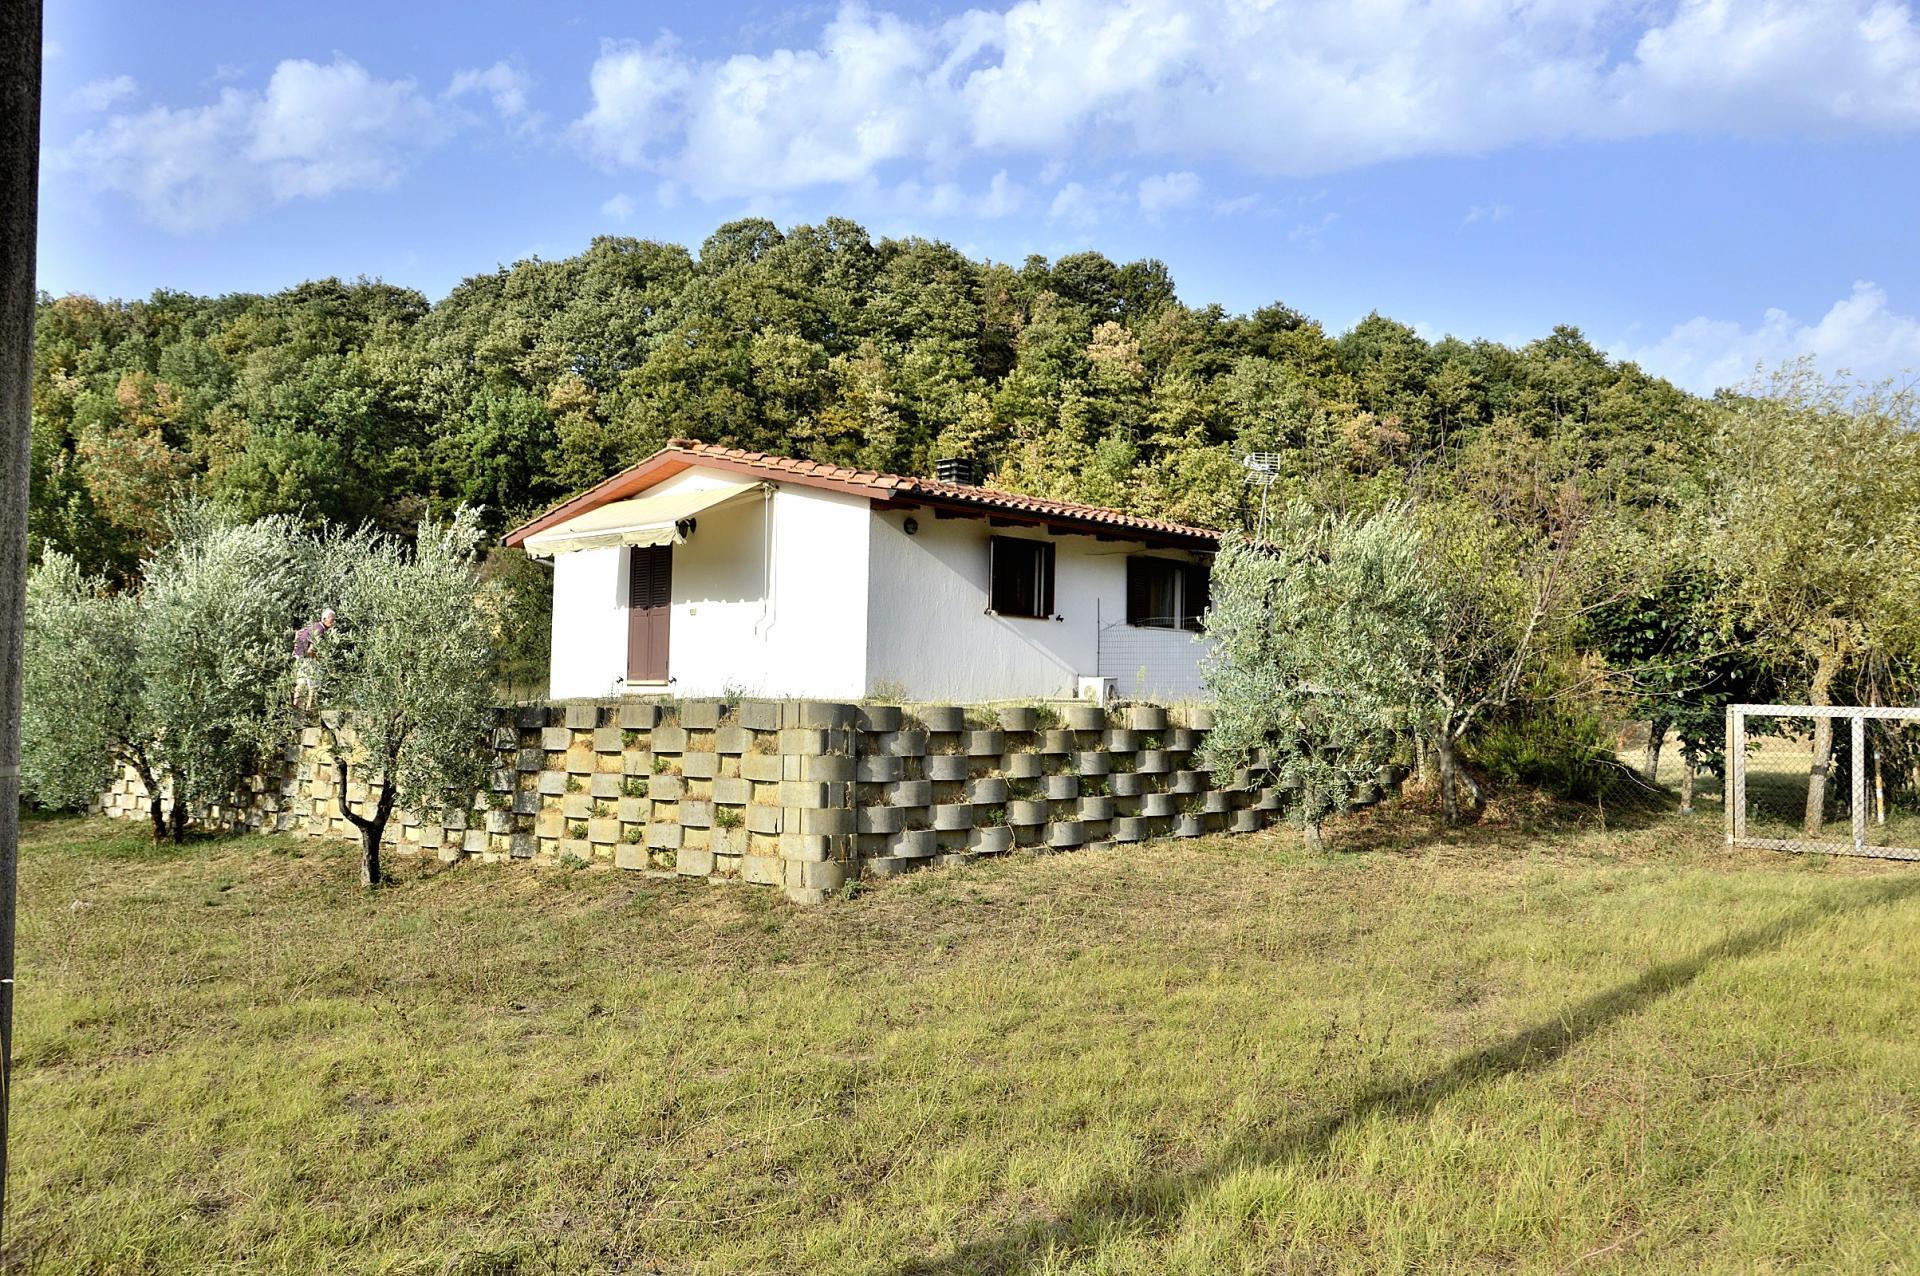 Soluzione Indipendente in vendita a Monteleone d'Orvieto, 4 locali, zona Località: S.aMaria, prezzo € 49.000 | CambioCasa.it